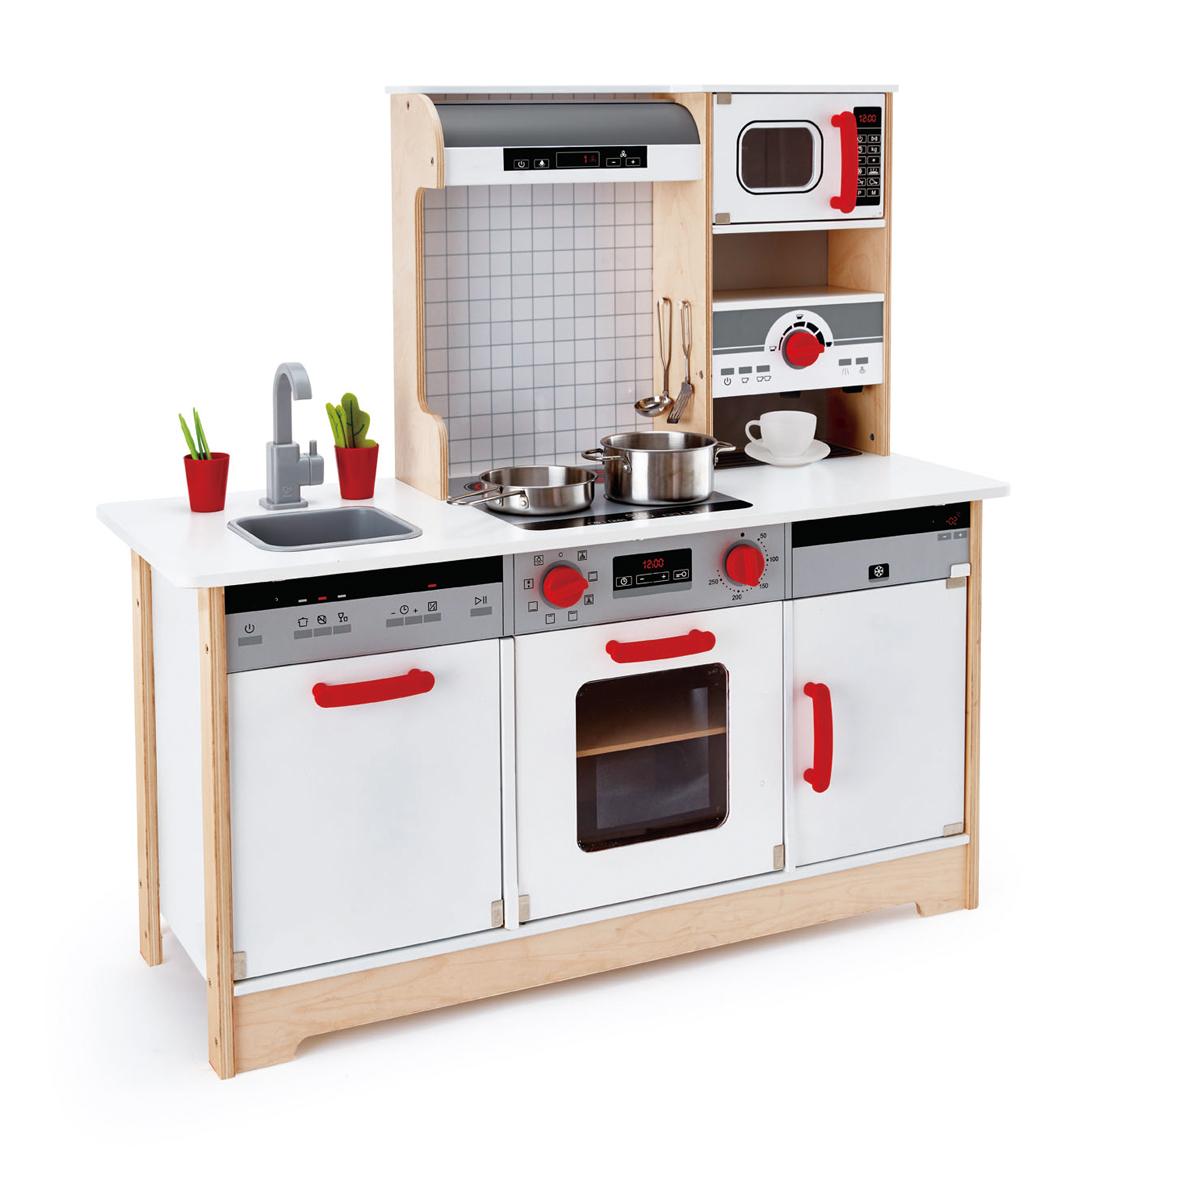 Full Size of Spielküche Hape Multifunktionale Spielkche Aus Holz E3145 Pirum Kinder Wohnzimmer Spielküche